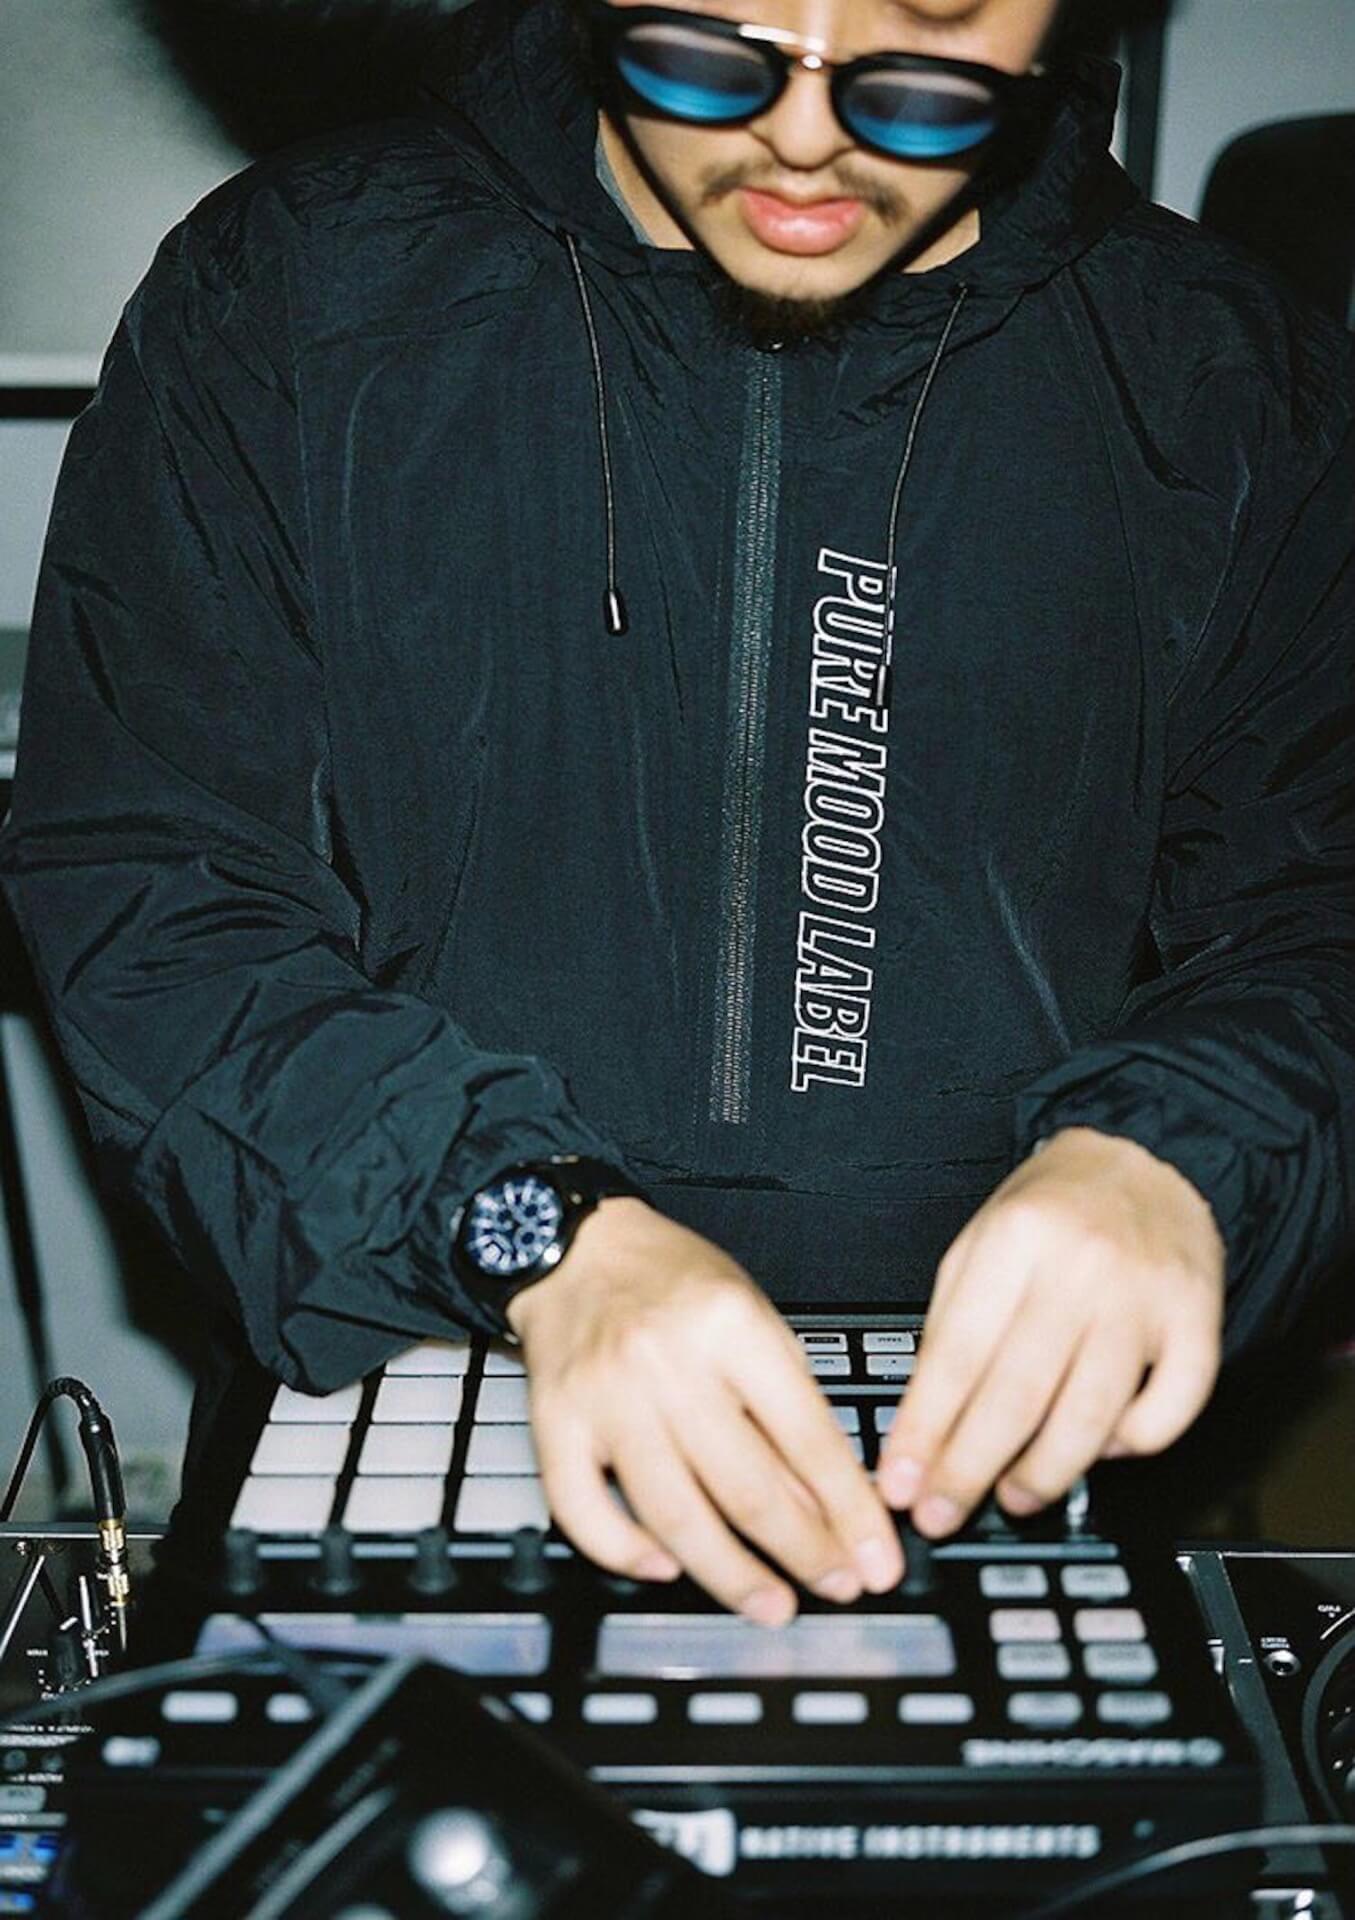 """SoulflexのメンバーZINの人気曲""""The Sign""""のFKD Official Remixが配信リリース!Musiq Soulchildのカバーに続く共作 music200513_zin_fkd_02"""